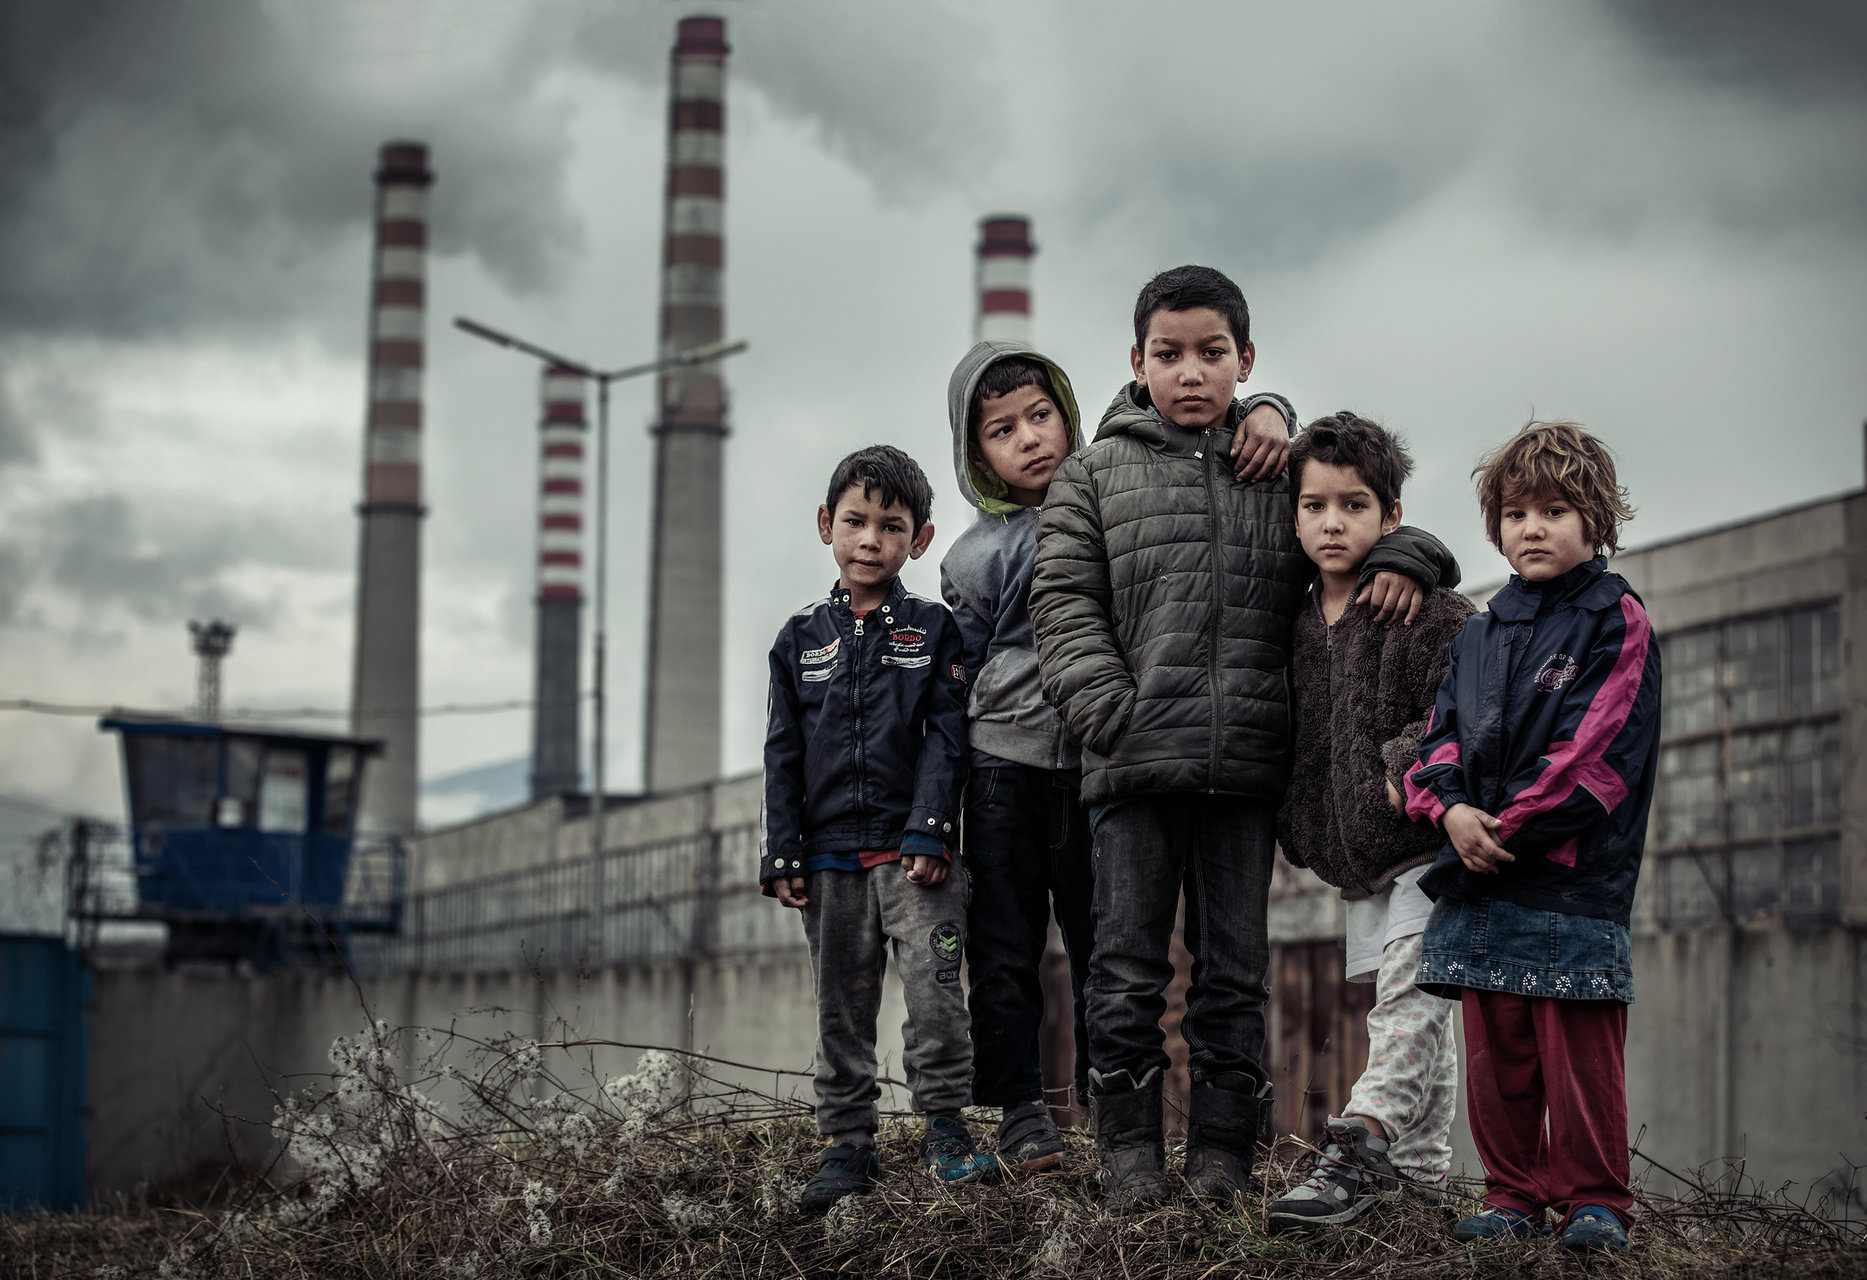 Кално детство | Author Vlado79 | PHOTO FORUM